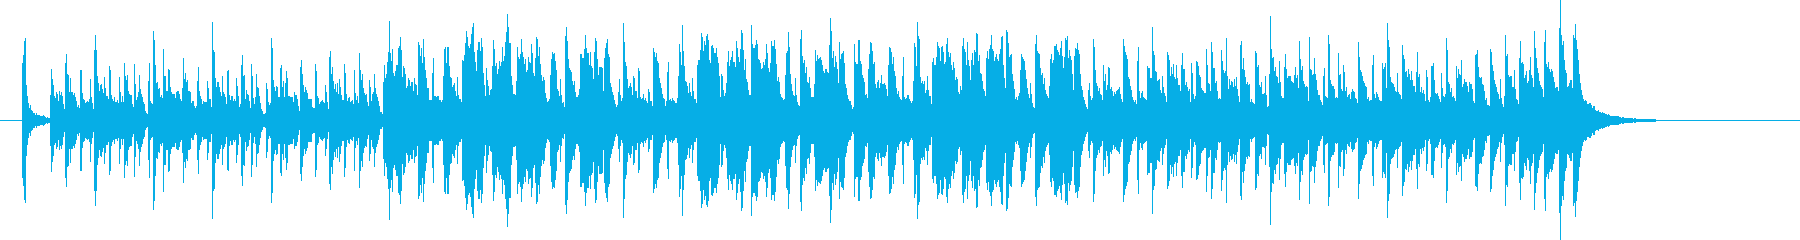 軽快でポップなバンドのジングルの再生済みの波形